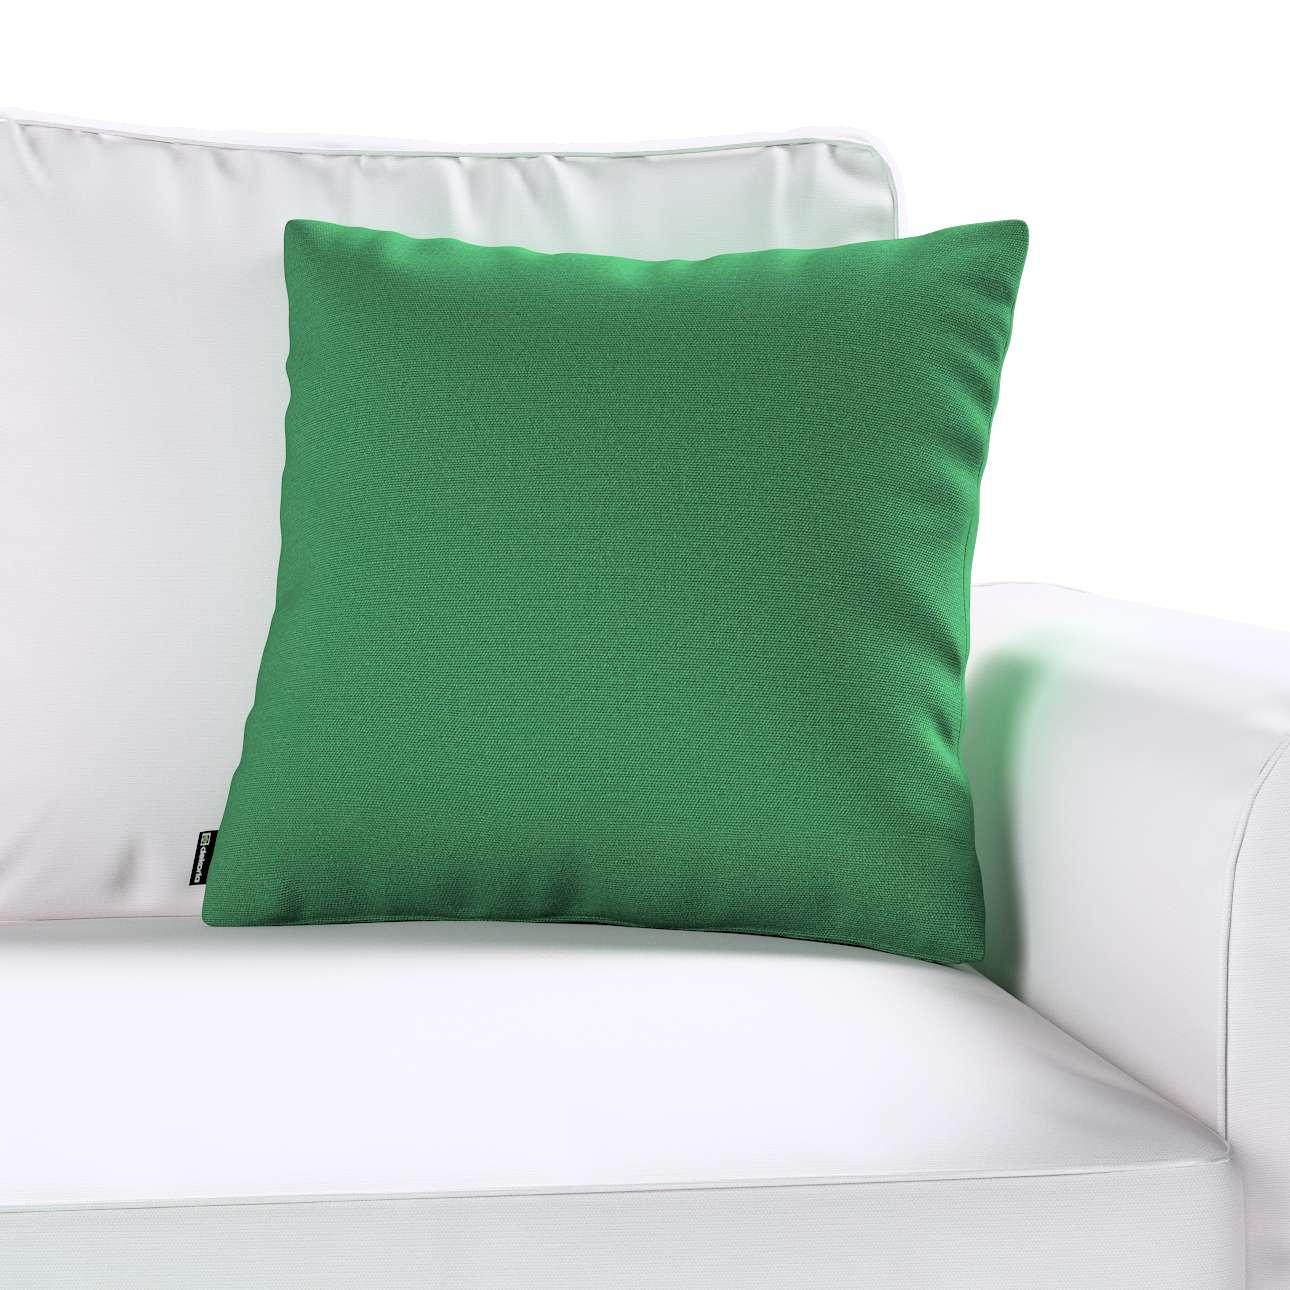 Poszewka Kinga na poduszkę w kolekcji Loneta, tkanina: 133-18